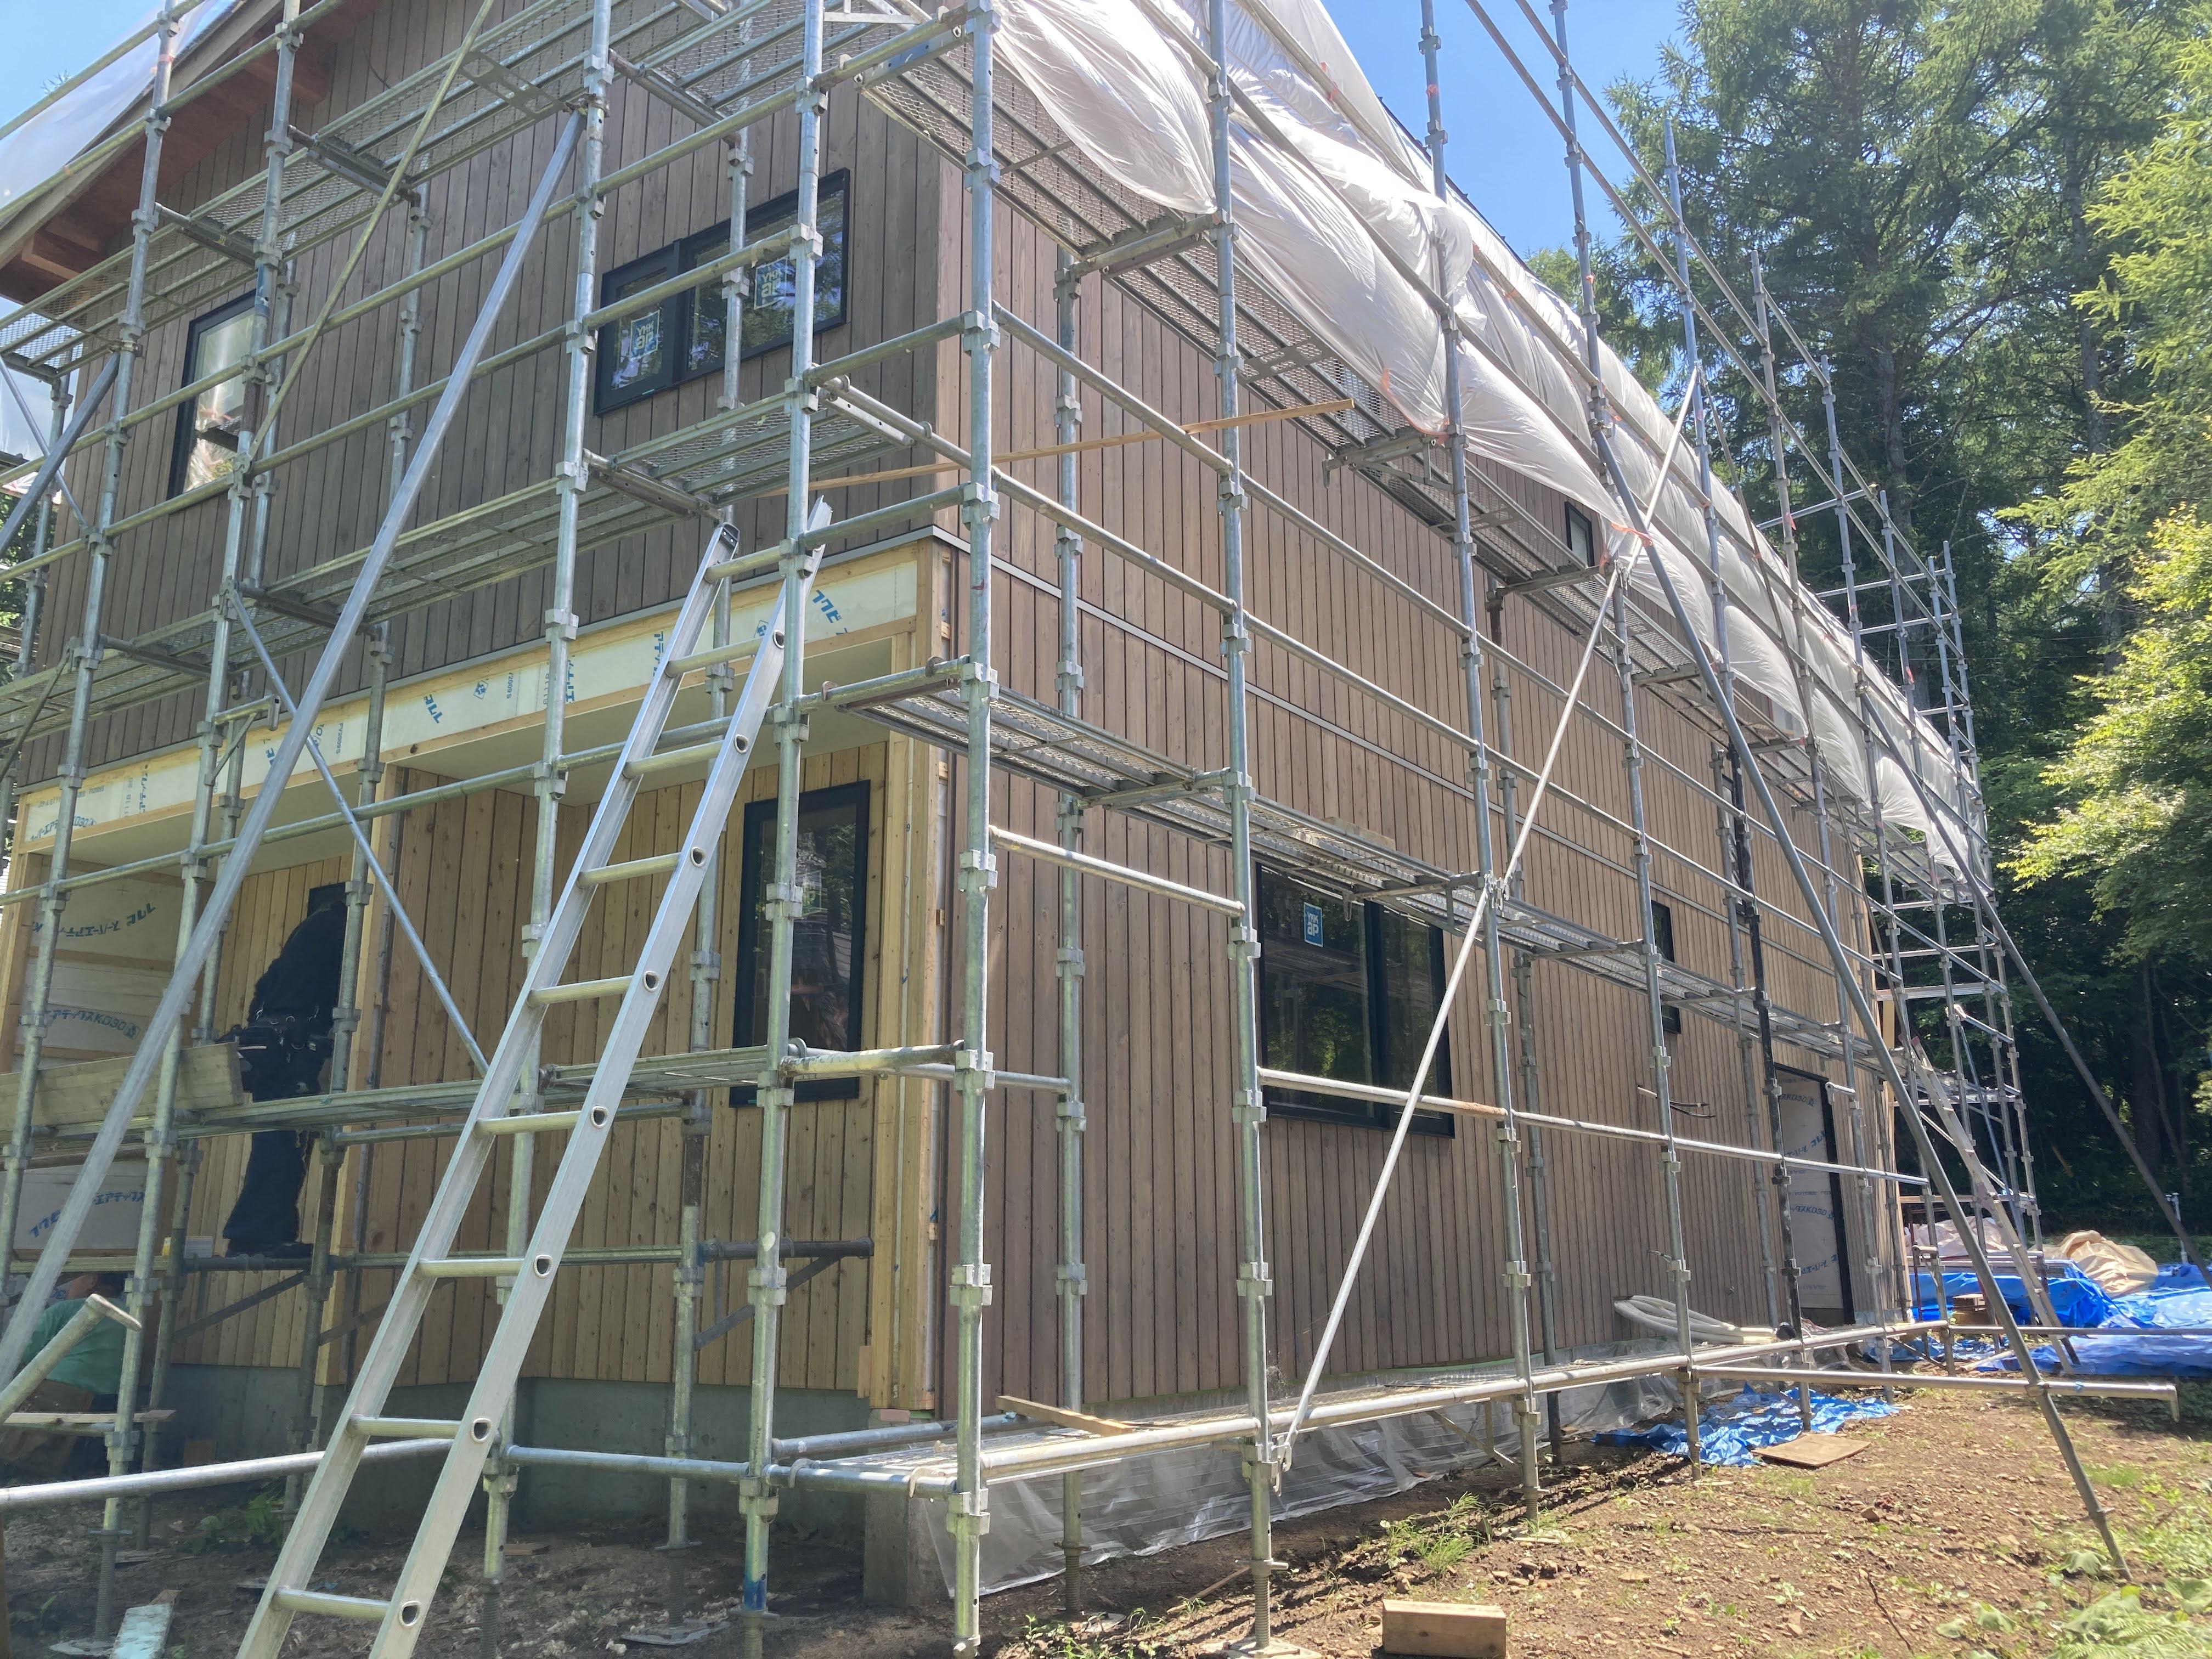 外壁の塗装はシルバーグレー